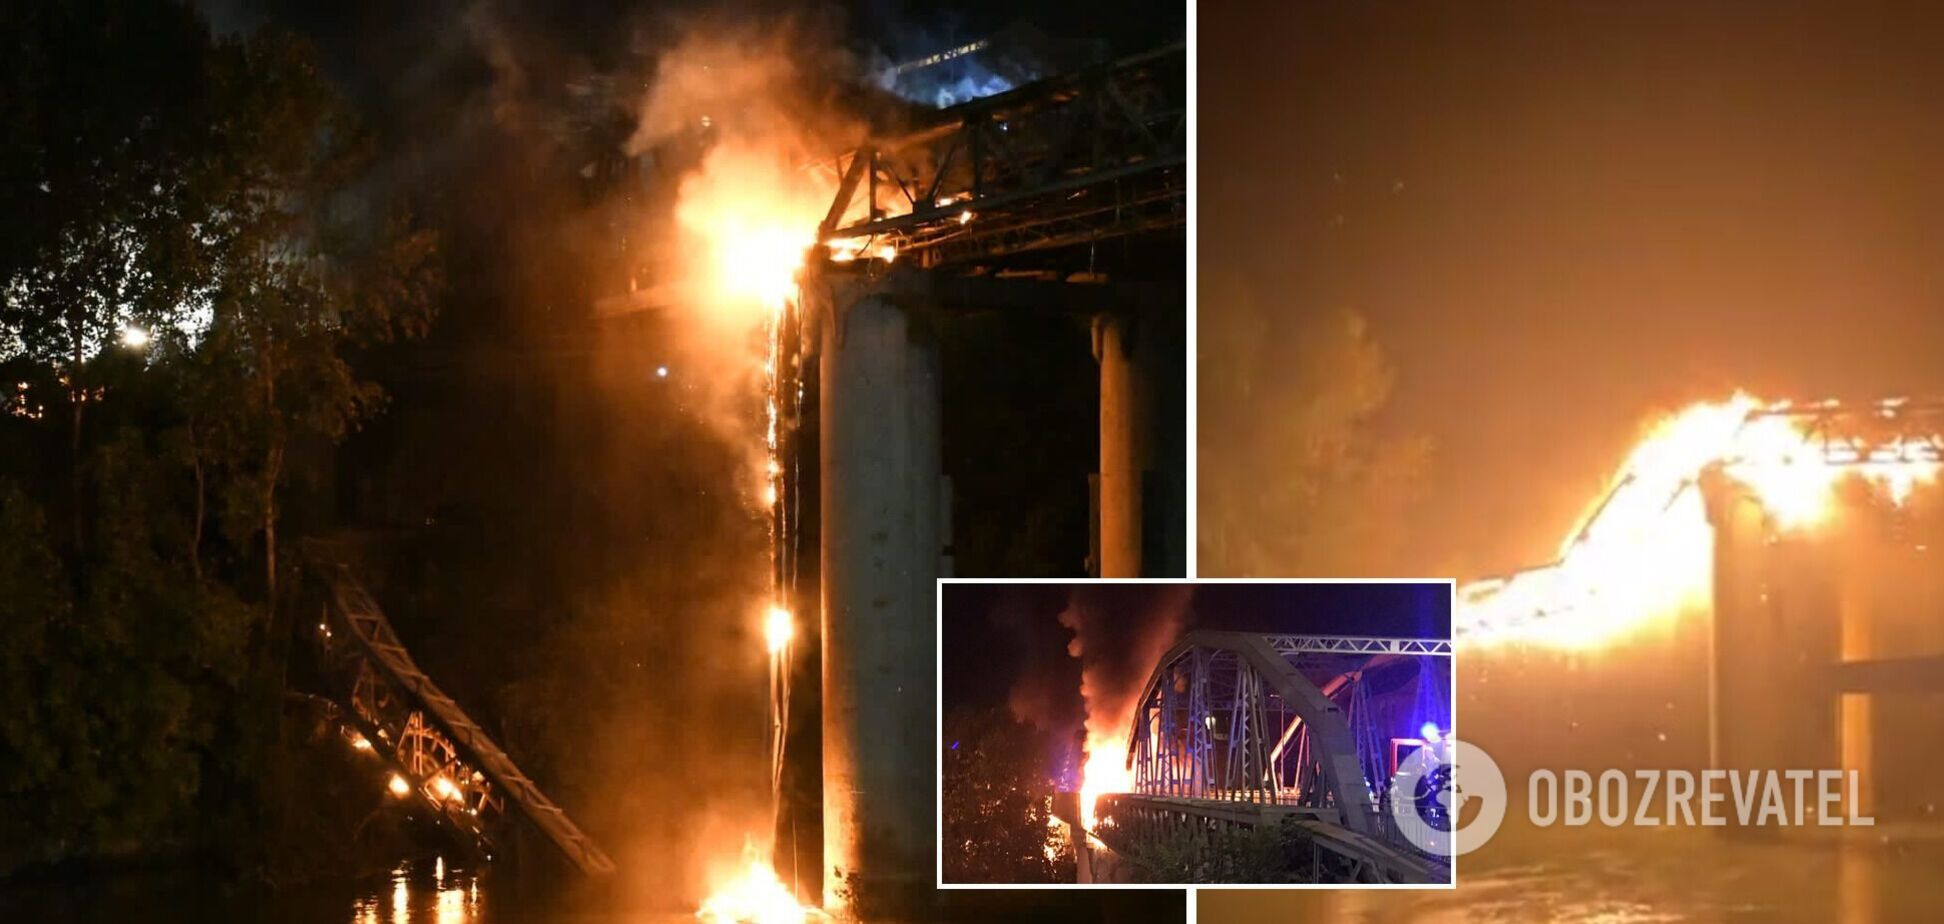 У Римі потужна пожежа знищила старовинний міст, частина конструкцій обвалилася. Фото та відео